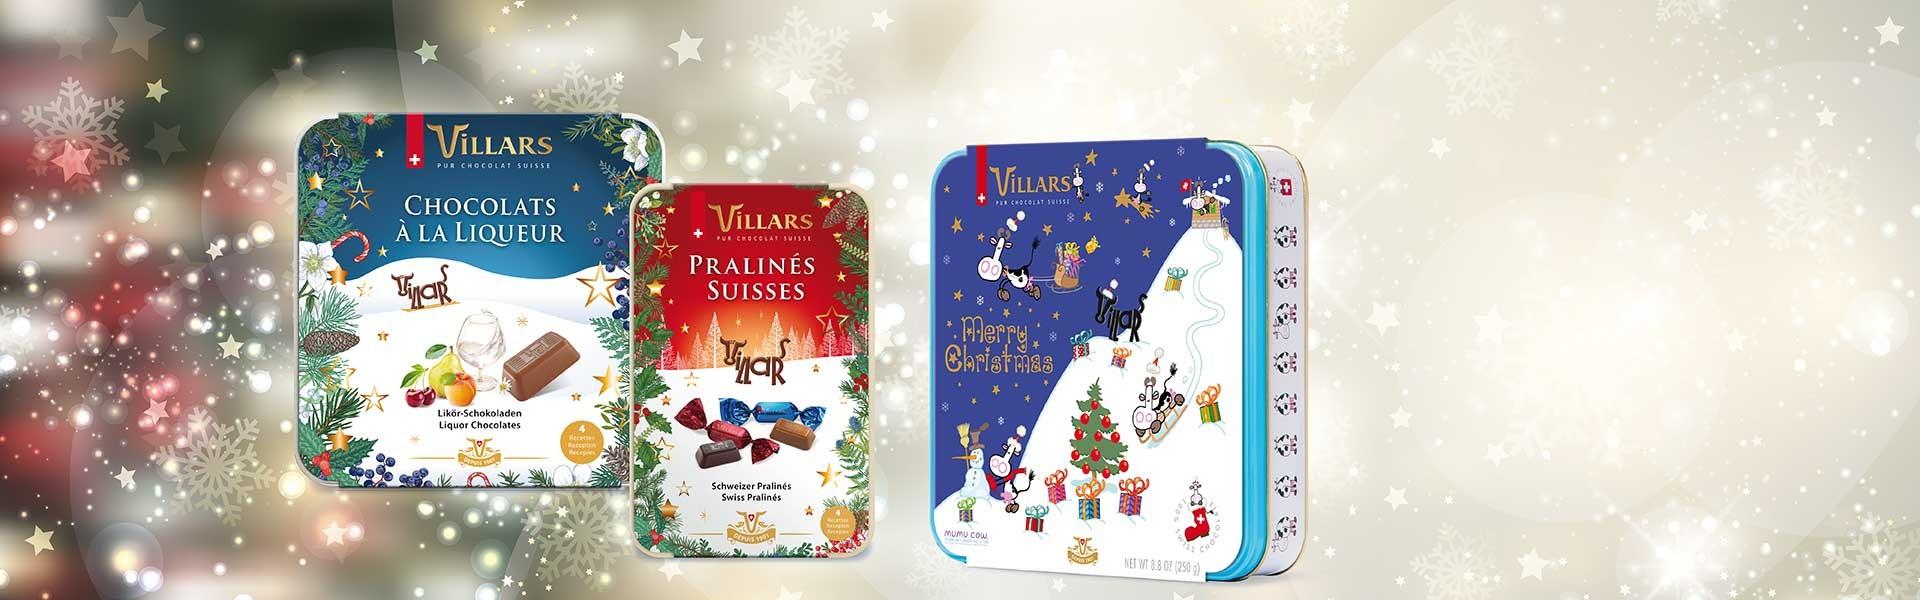 Villars Weihnachts-Editionen Geschenkdosen